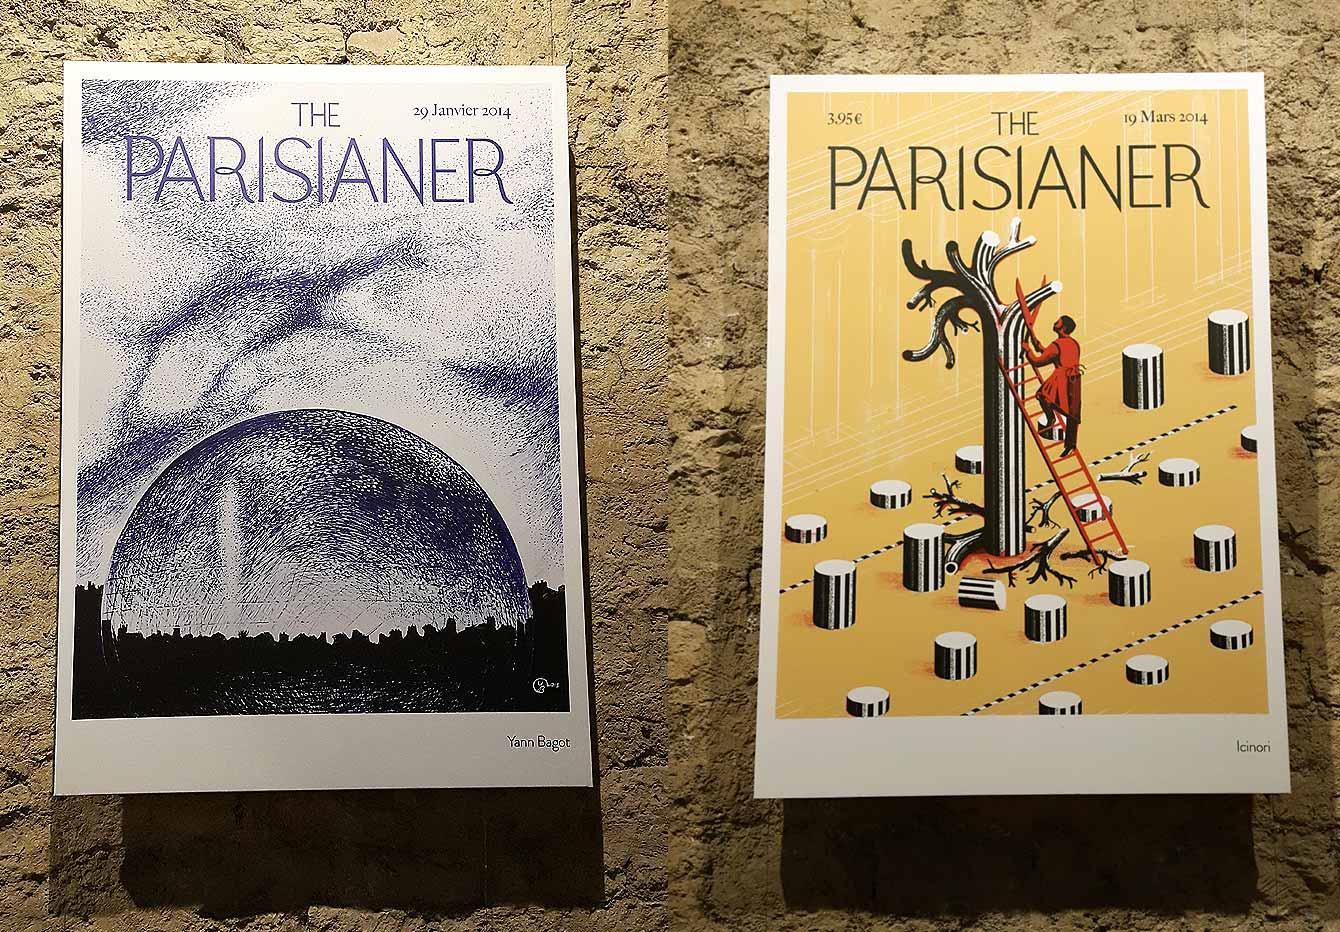 expo-parisianer03